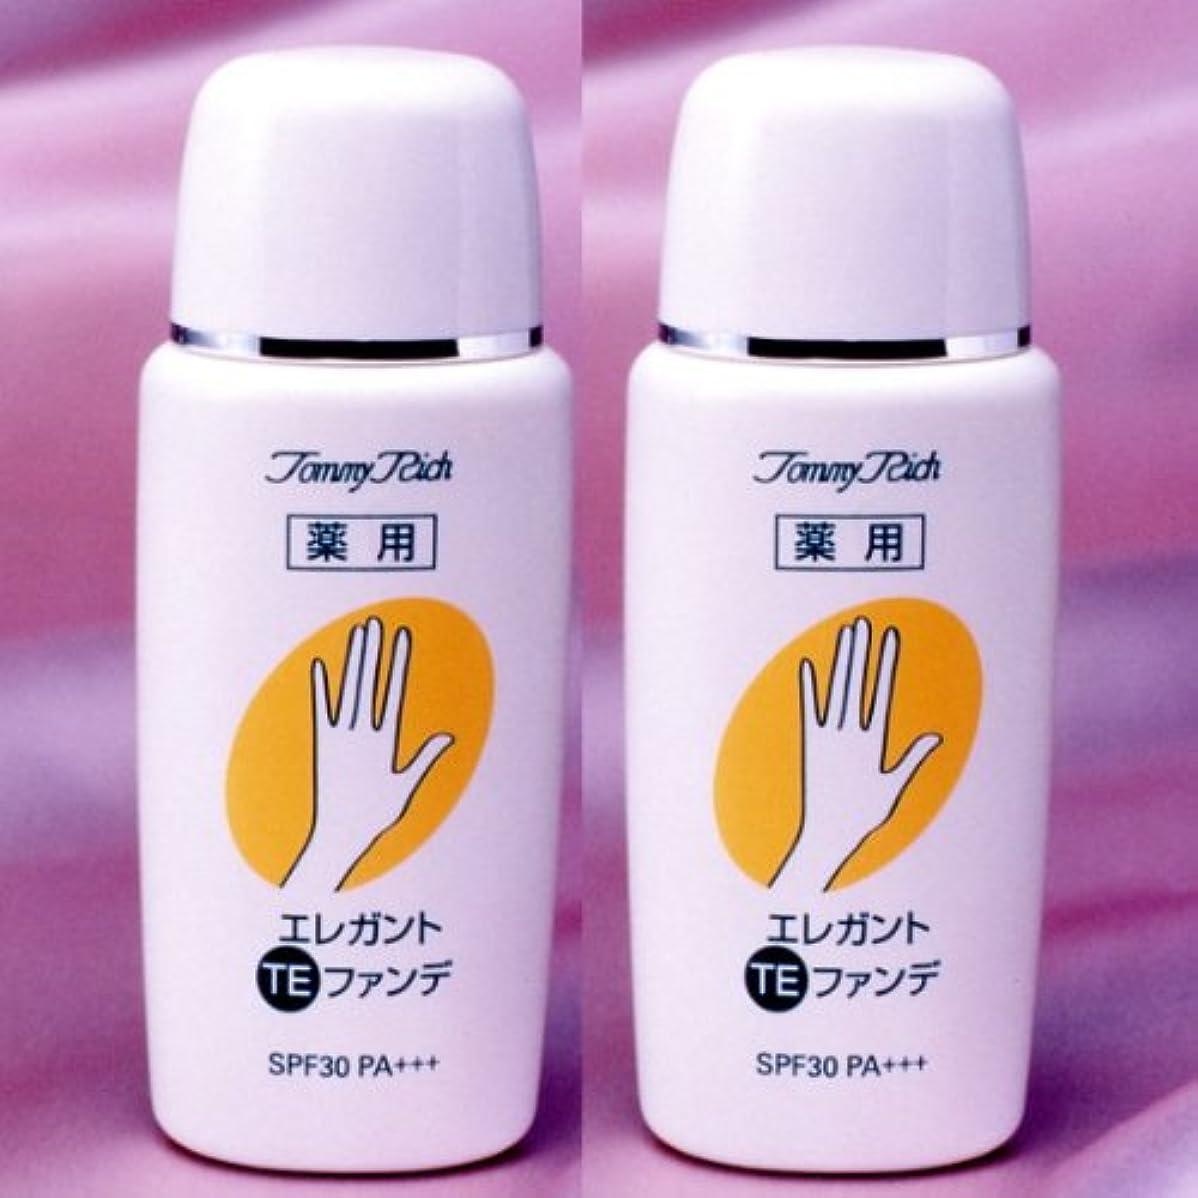 誇り黙なめらか手や腕のシミや老班をカバーして、白く清潔で美しい手になる!! 「薬用エレガントTEファンデ 2個セット」